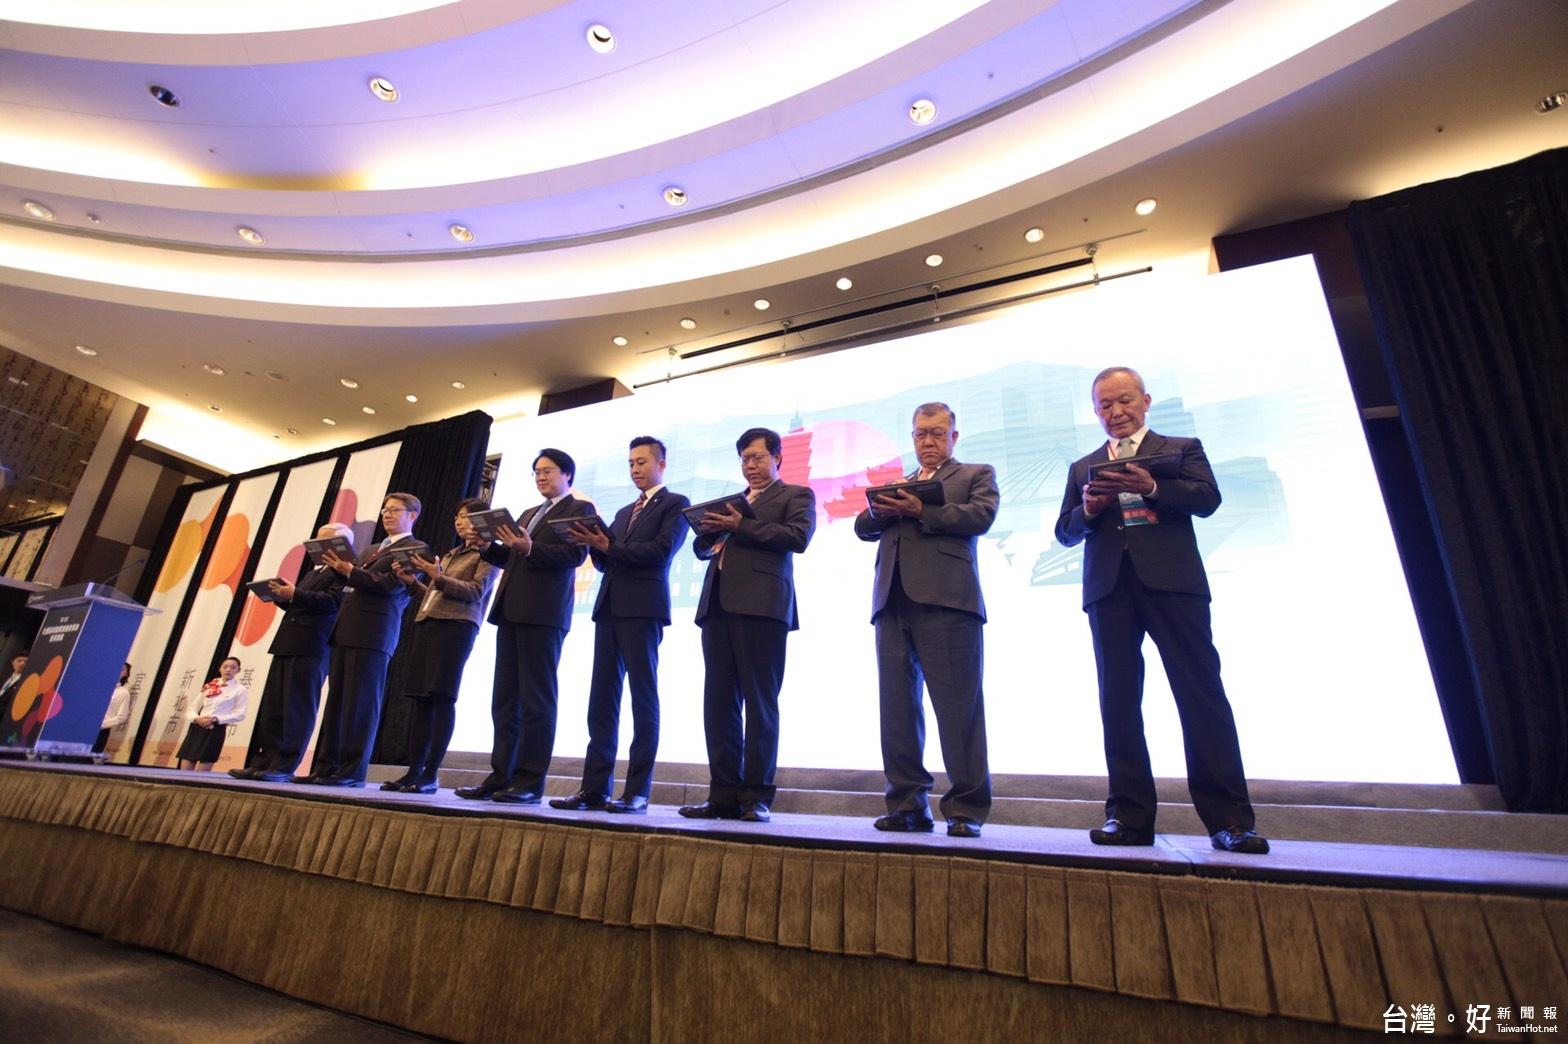 基市將辦下屆北台首長會議 盼成地方與中央政府間協作平臺